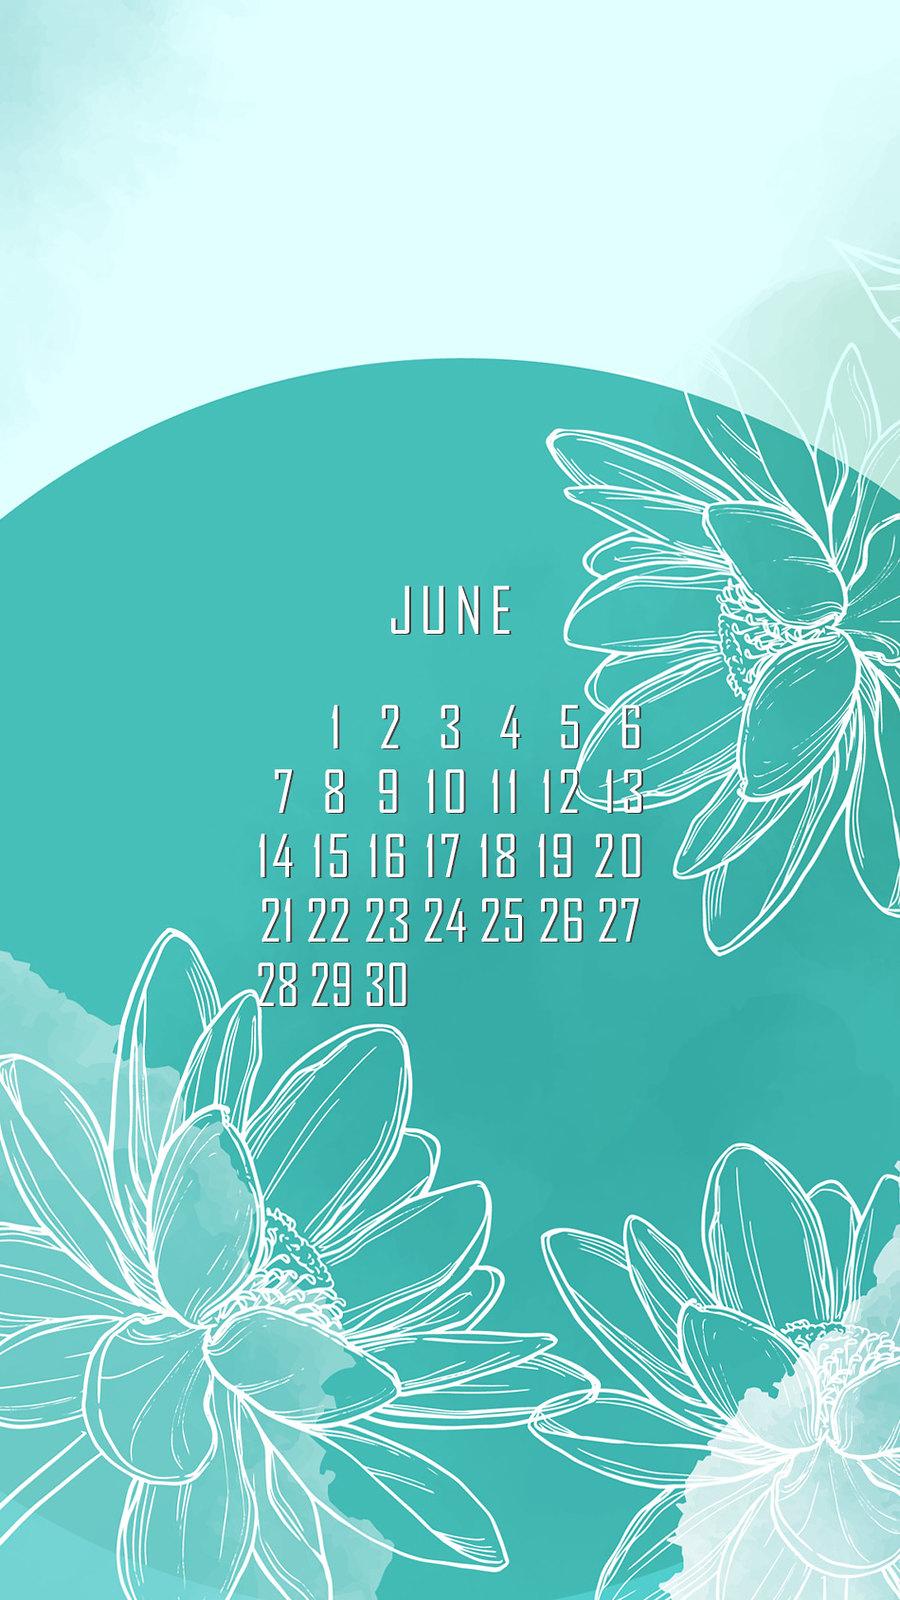 календарь на июнь '21, заставка на смартфон, district-f.org 4